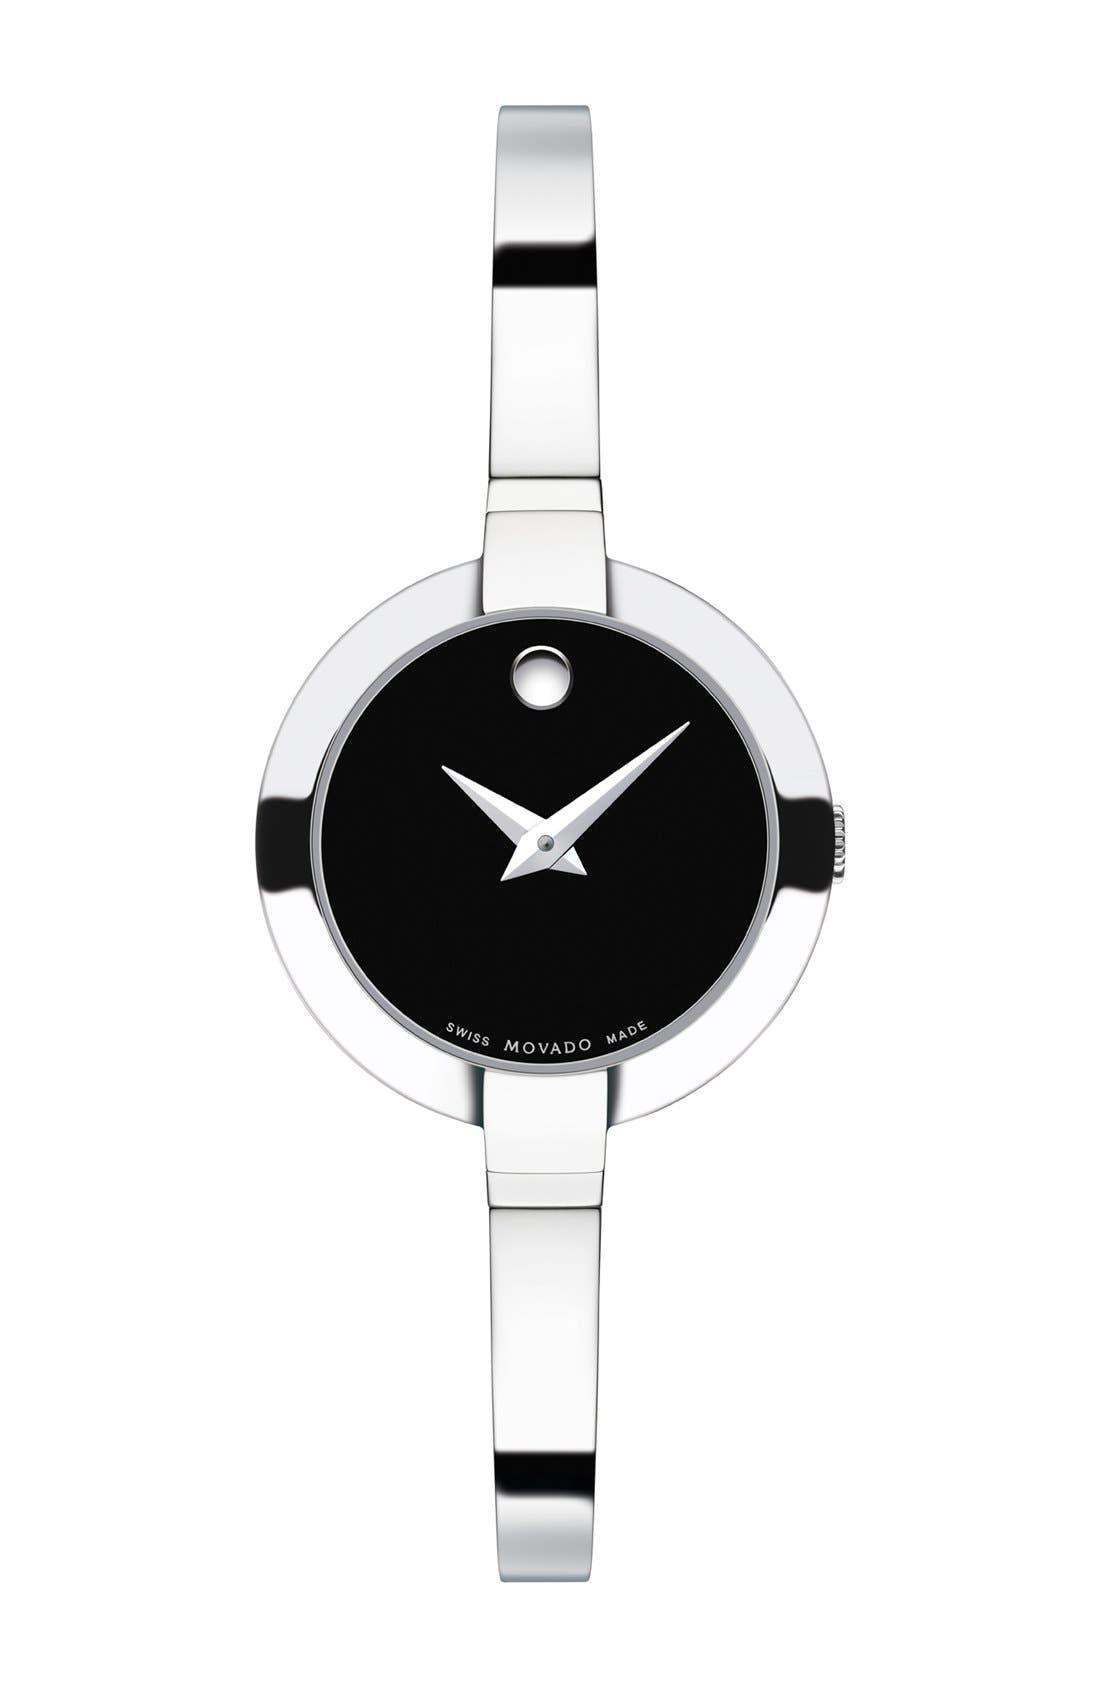 Main Image - Movado 'Bela' Bangle Watch, 25mm (Regular Retail Price: $495.00)